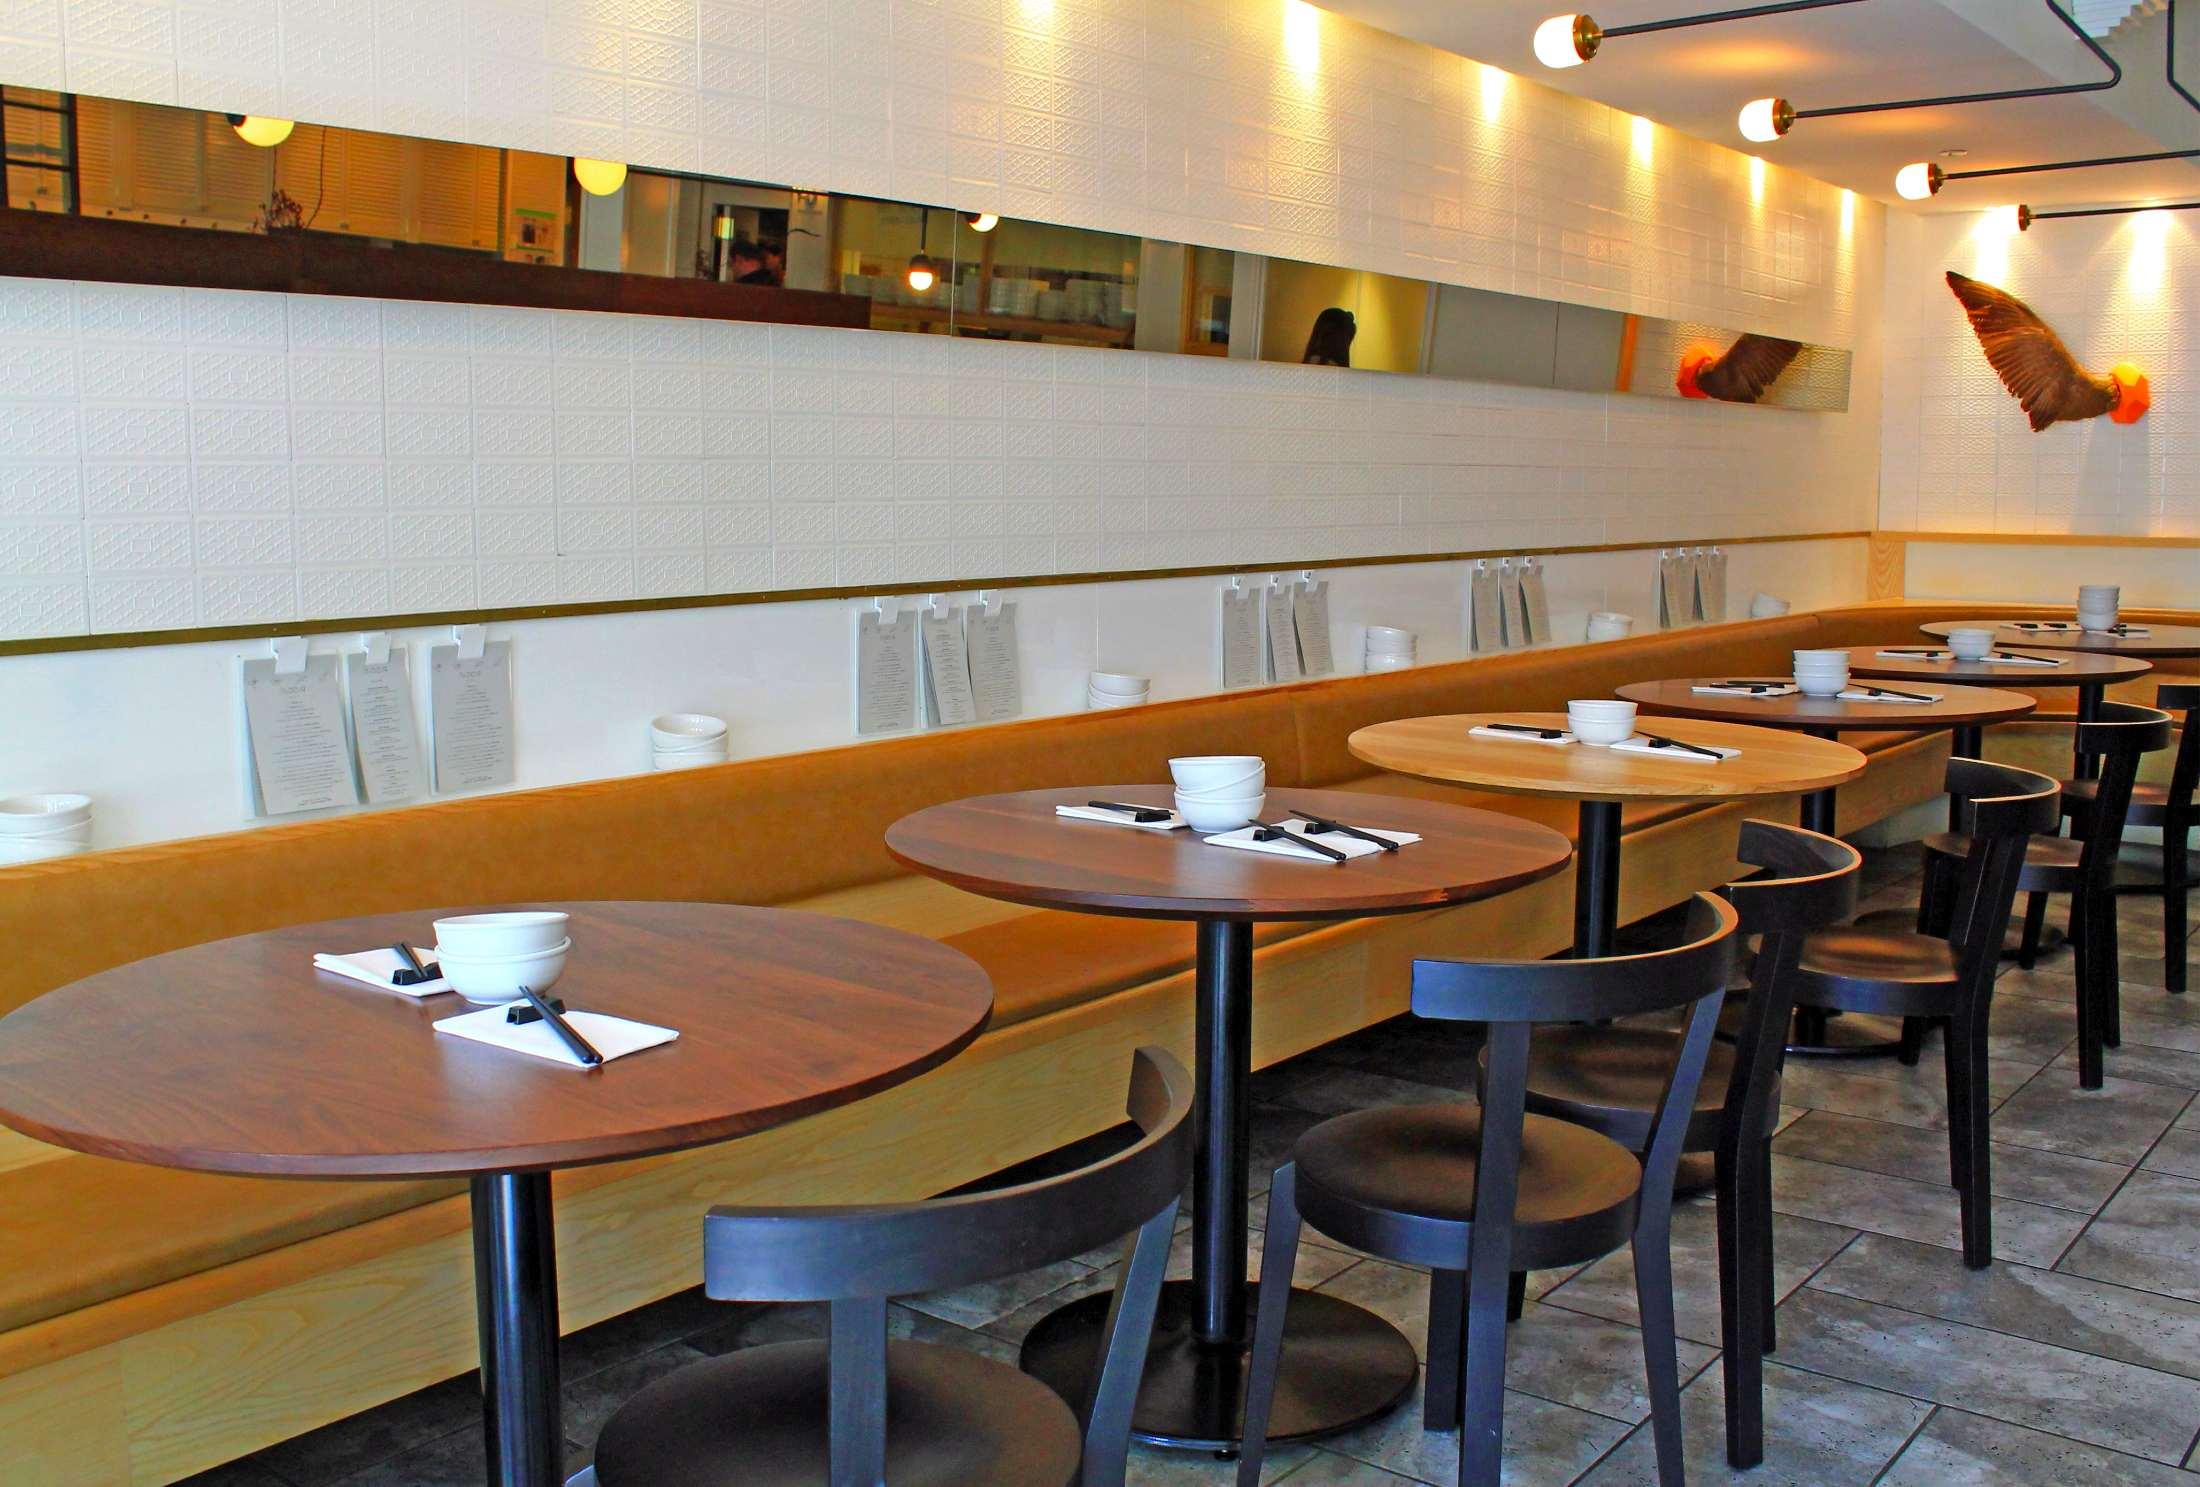 Pidgin Restaurant - Focal Journey (by Gustavo Espinola)